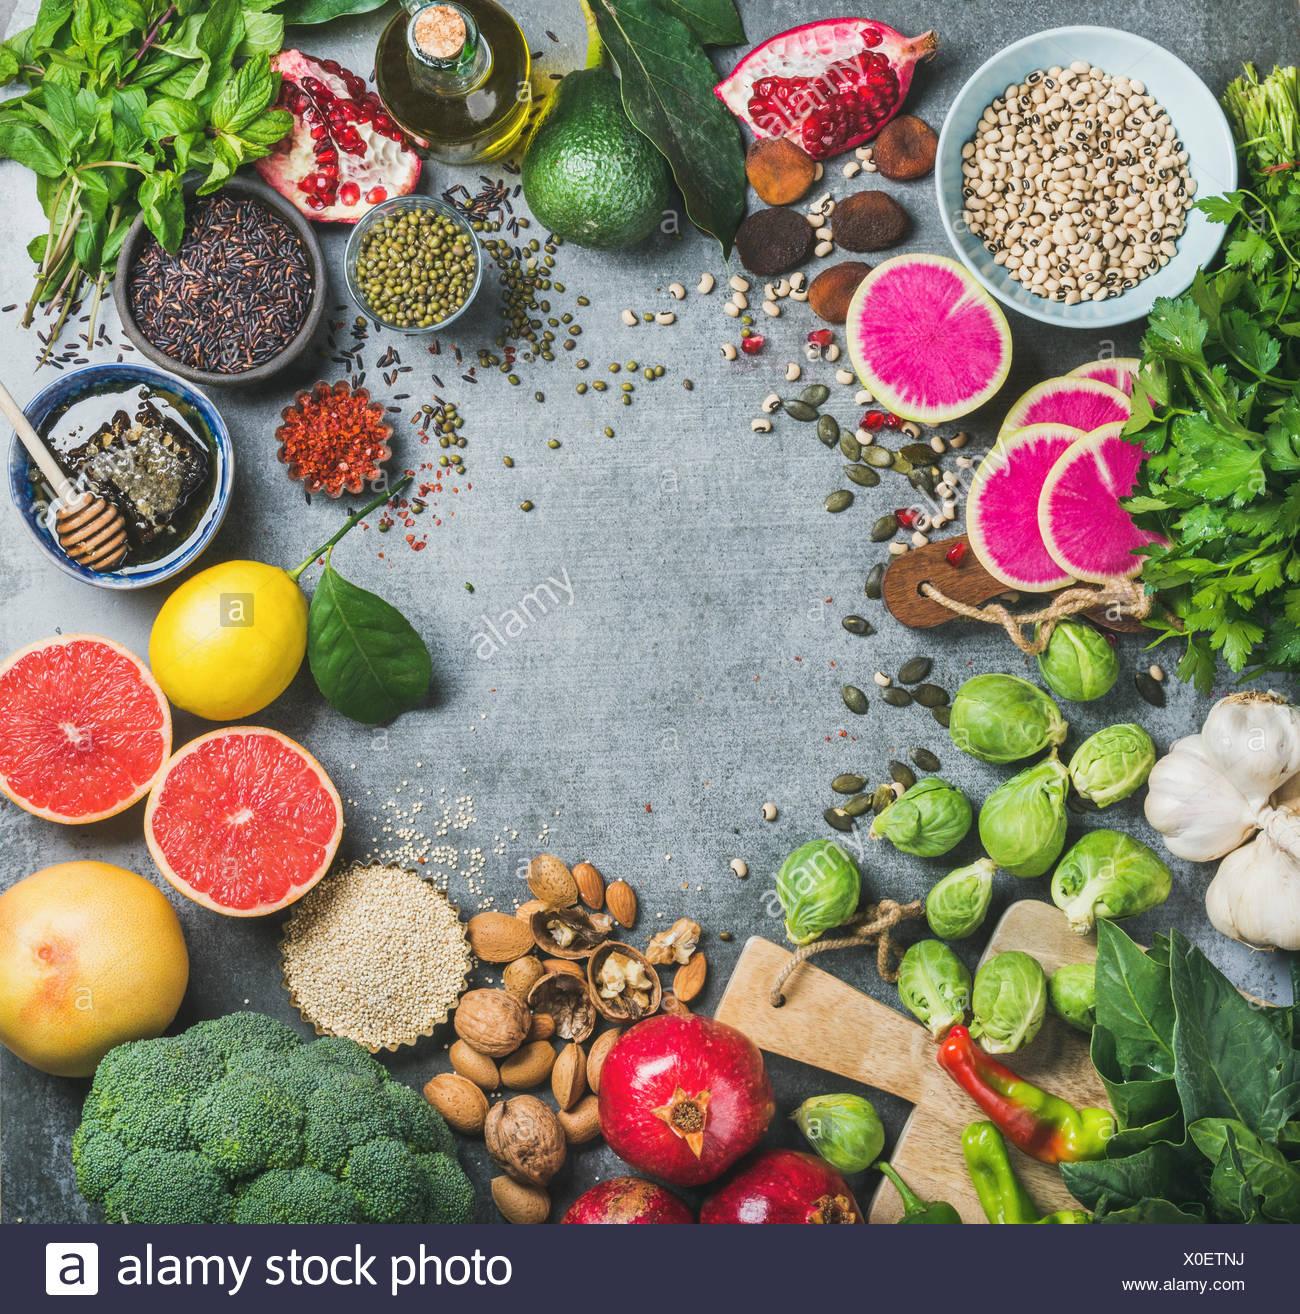 Pulire il concetto di mangiare. Varietà di verdure, frutti, semi, cereali, fagioli, spezie, superfoods, erbe, condimento per il mangiare sano, dieta e vegan, ve Immagini Stock